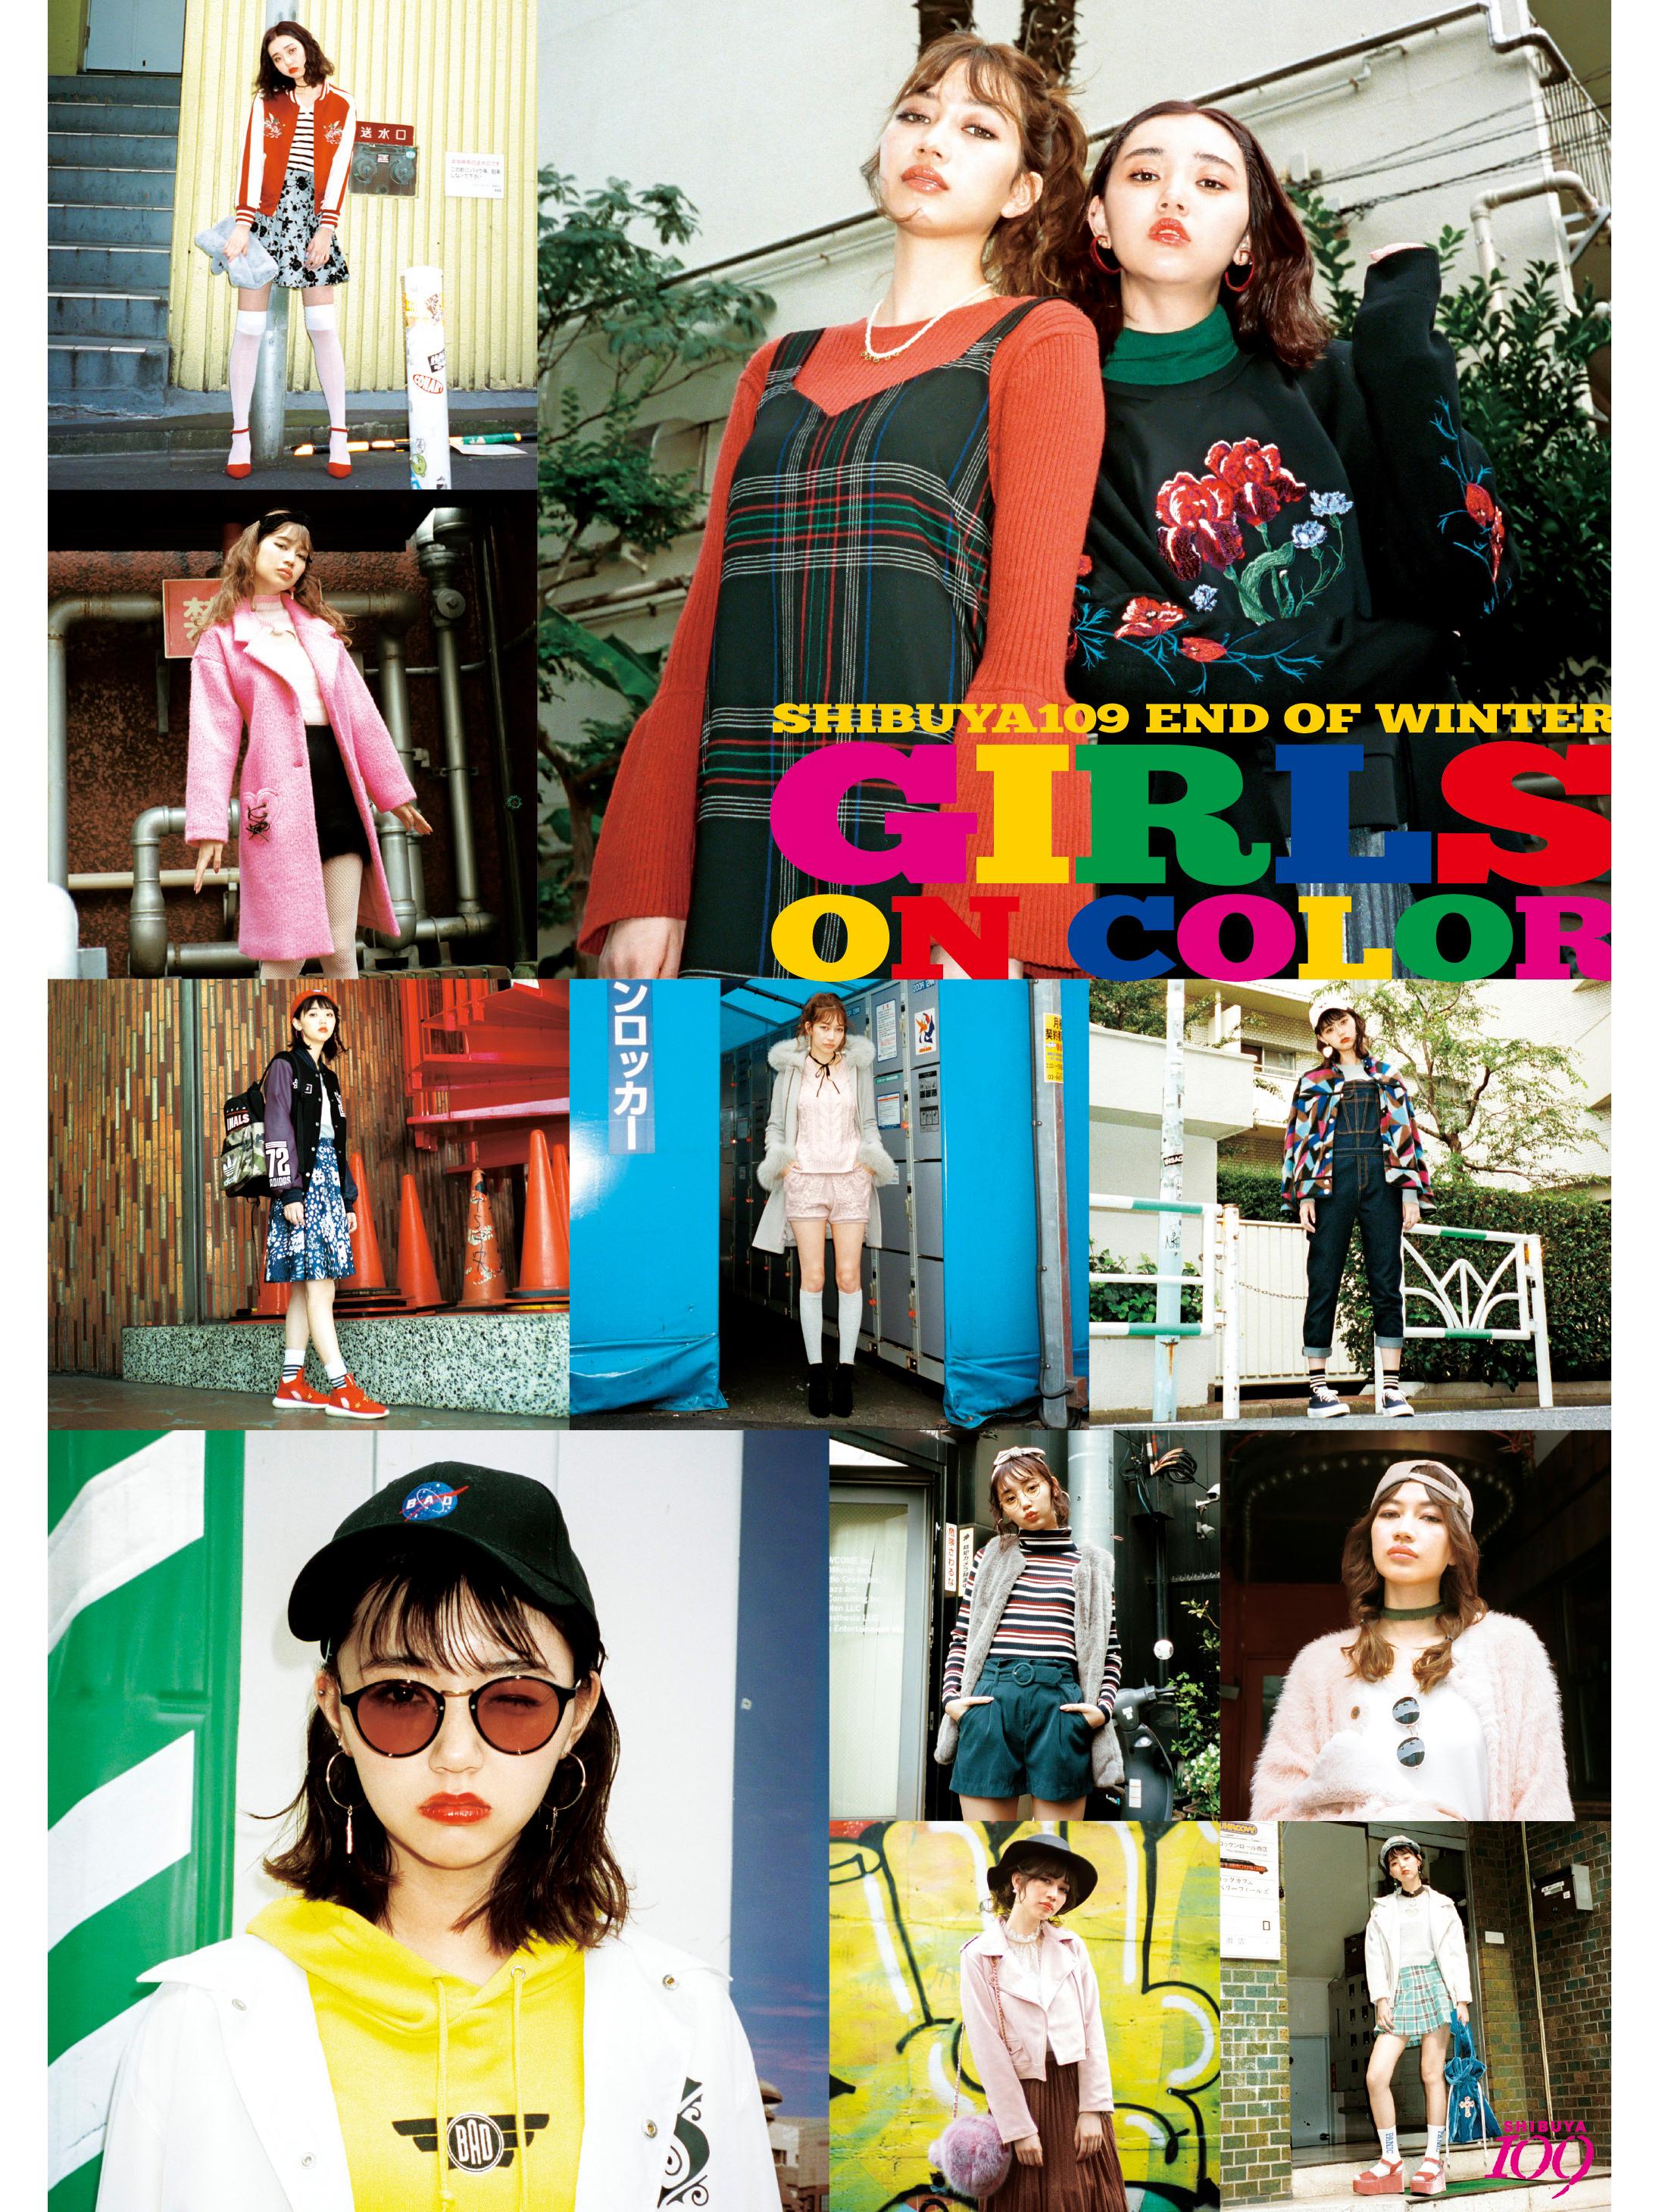 冬の109のテーマは「GIRLS ON COLOR」。冬こそ、カラフルなカラーで個性を着こなそう!